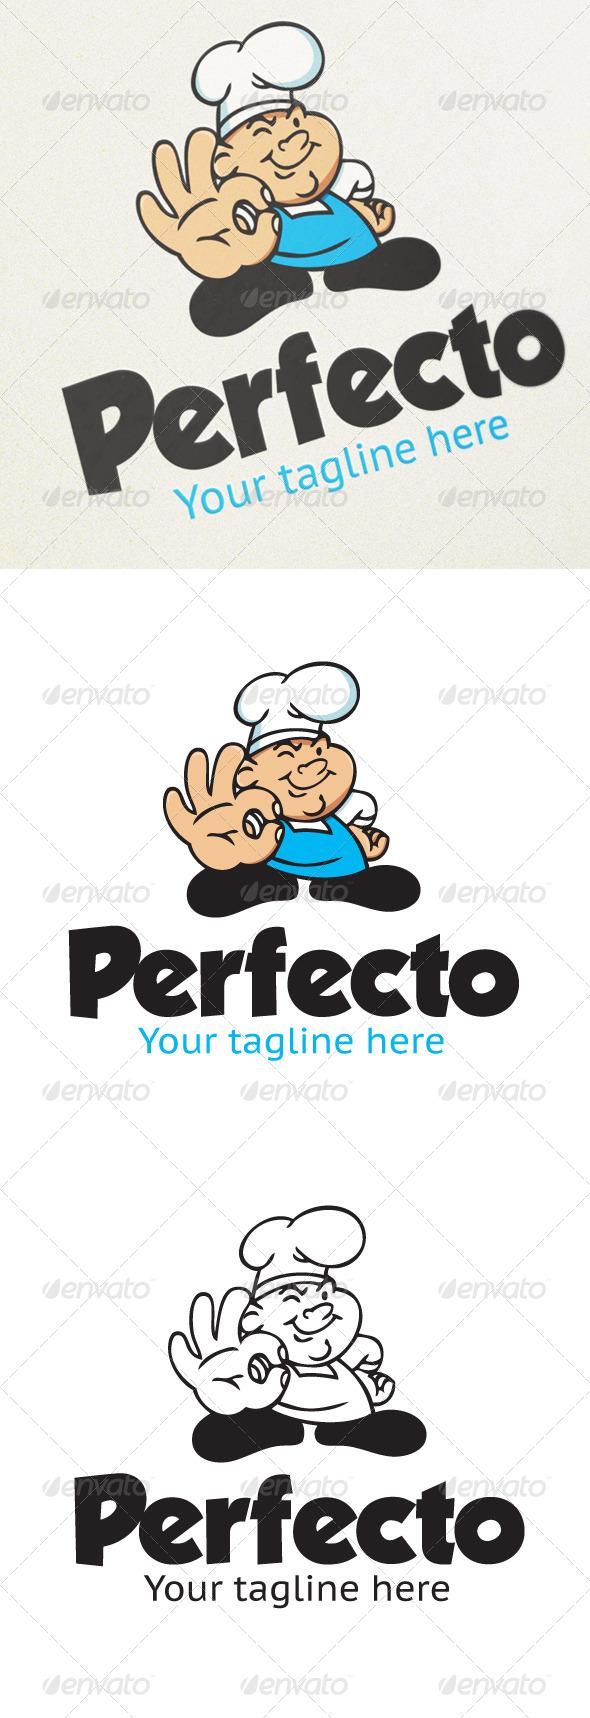 GraphicRiver Perfecto 4706182